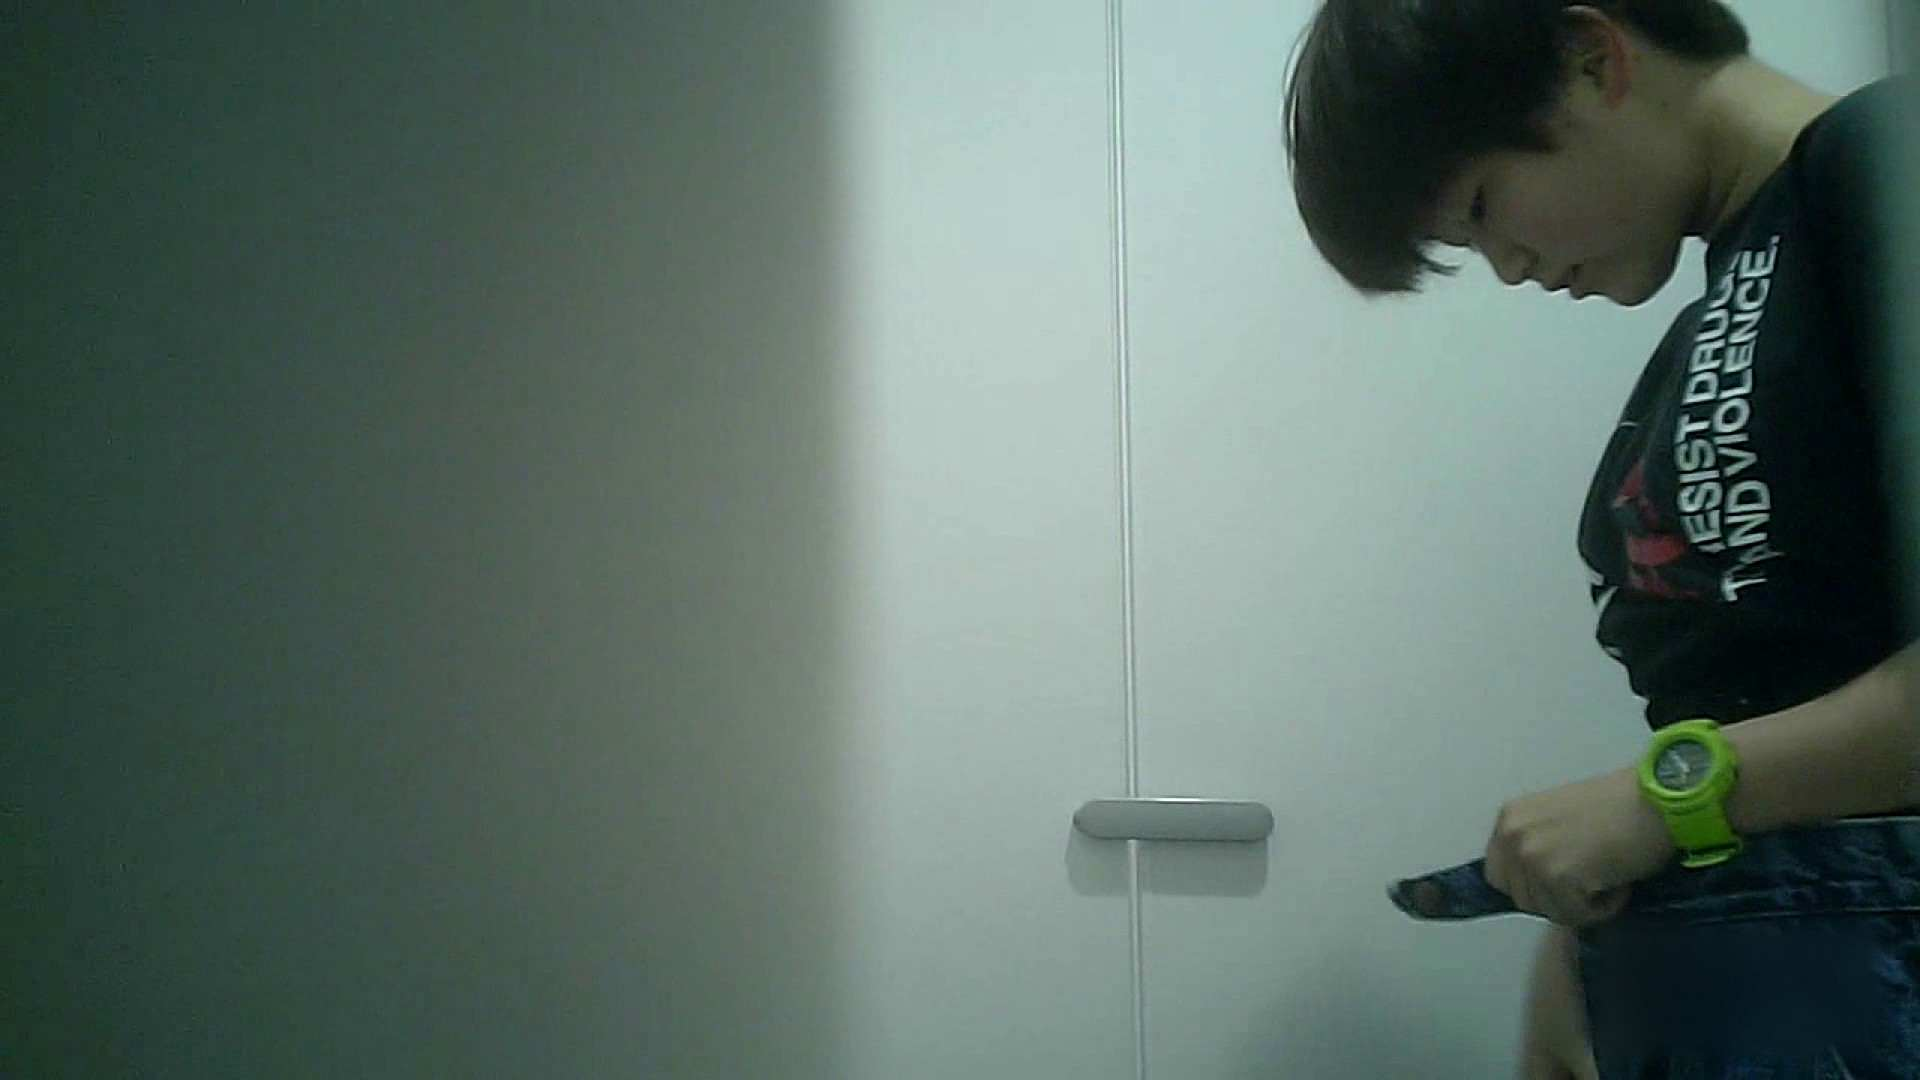 ハメ撮り|有名大学女性洗面所 vol.38 おやっ!お着替えシーンもいただきましたよ。|のぞき本舗 中村屋